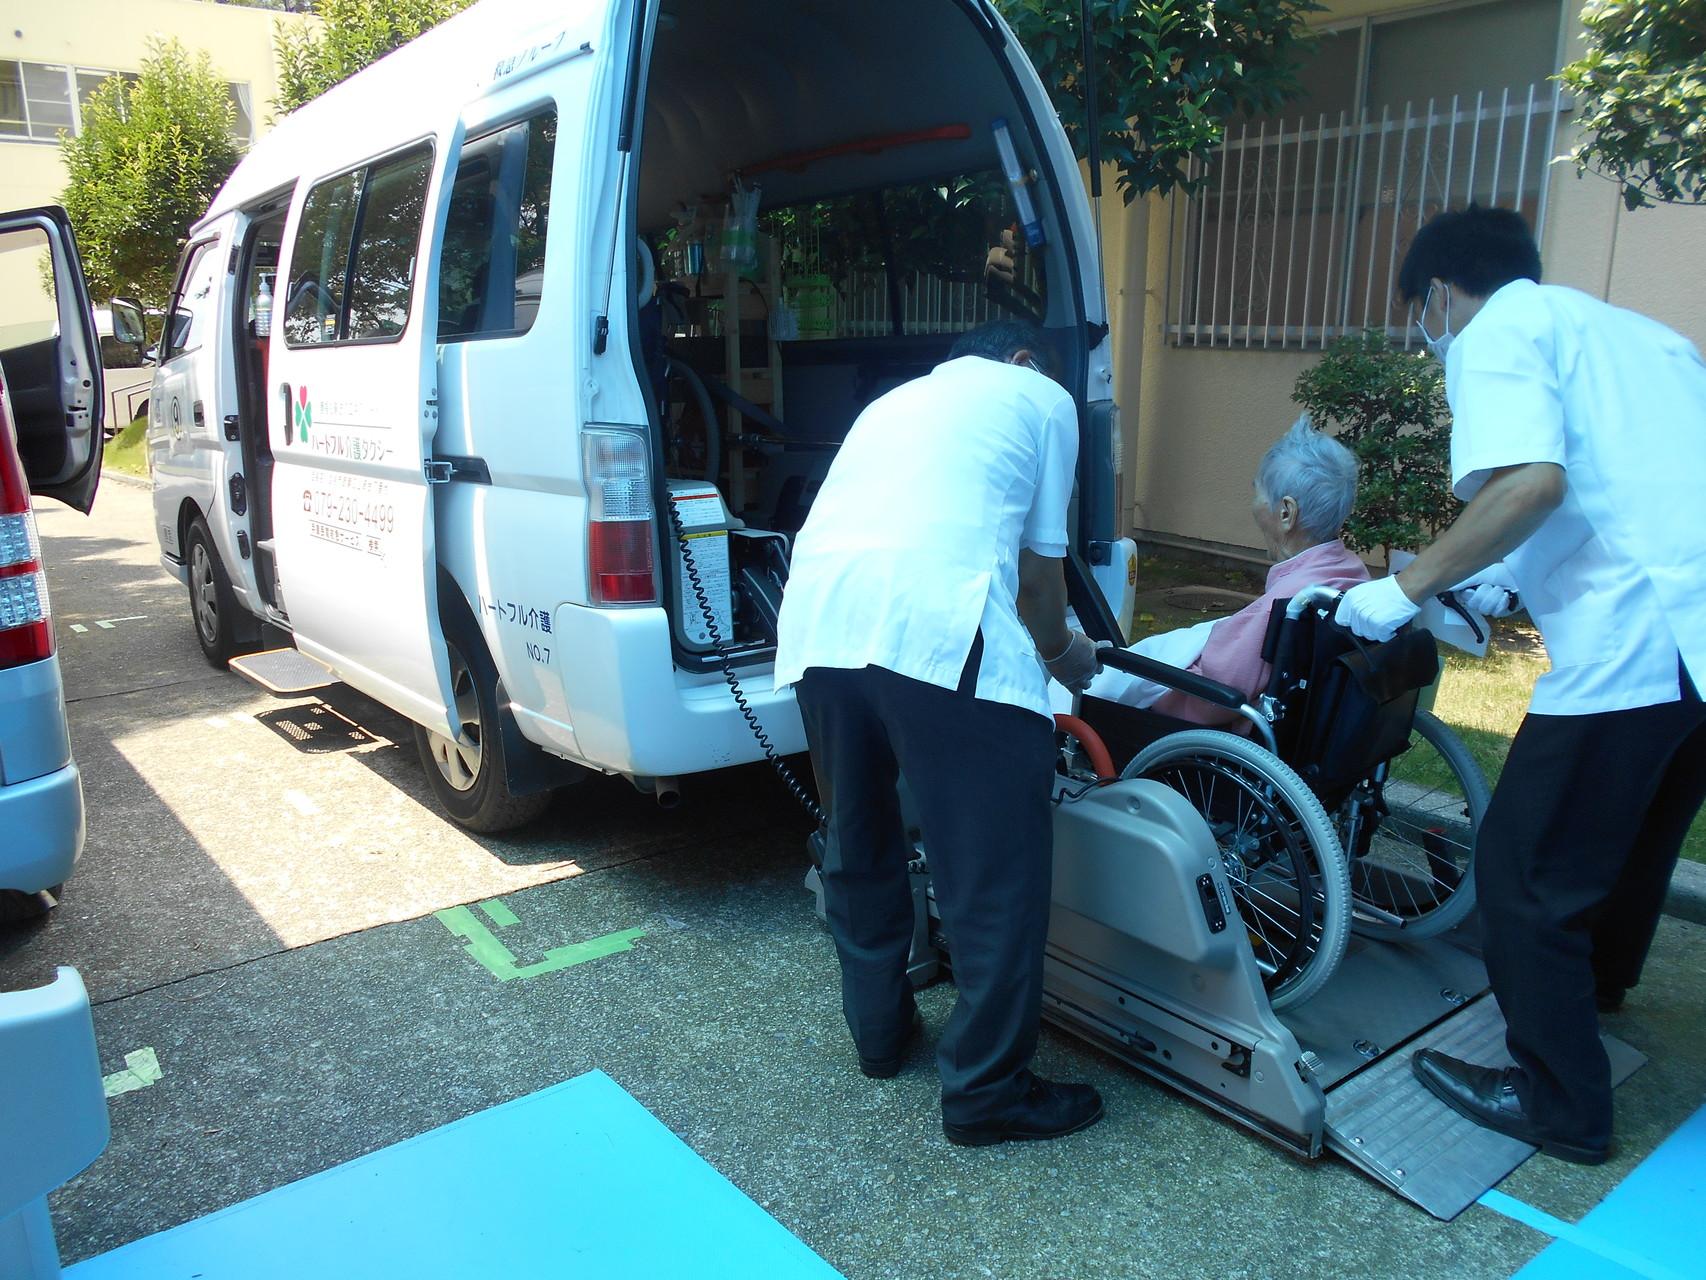 薫楓会 緑駿病院(小野市復井町)で患者様が乗車中